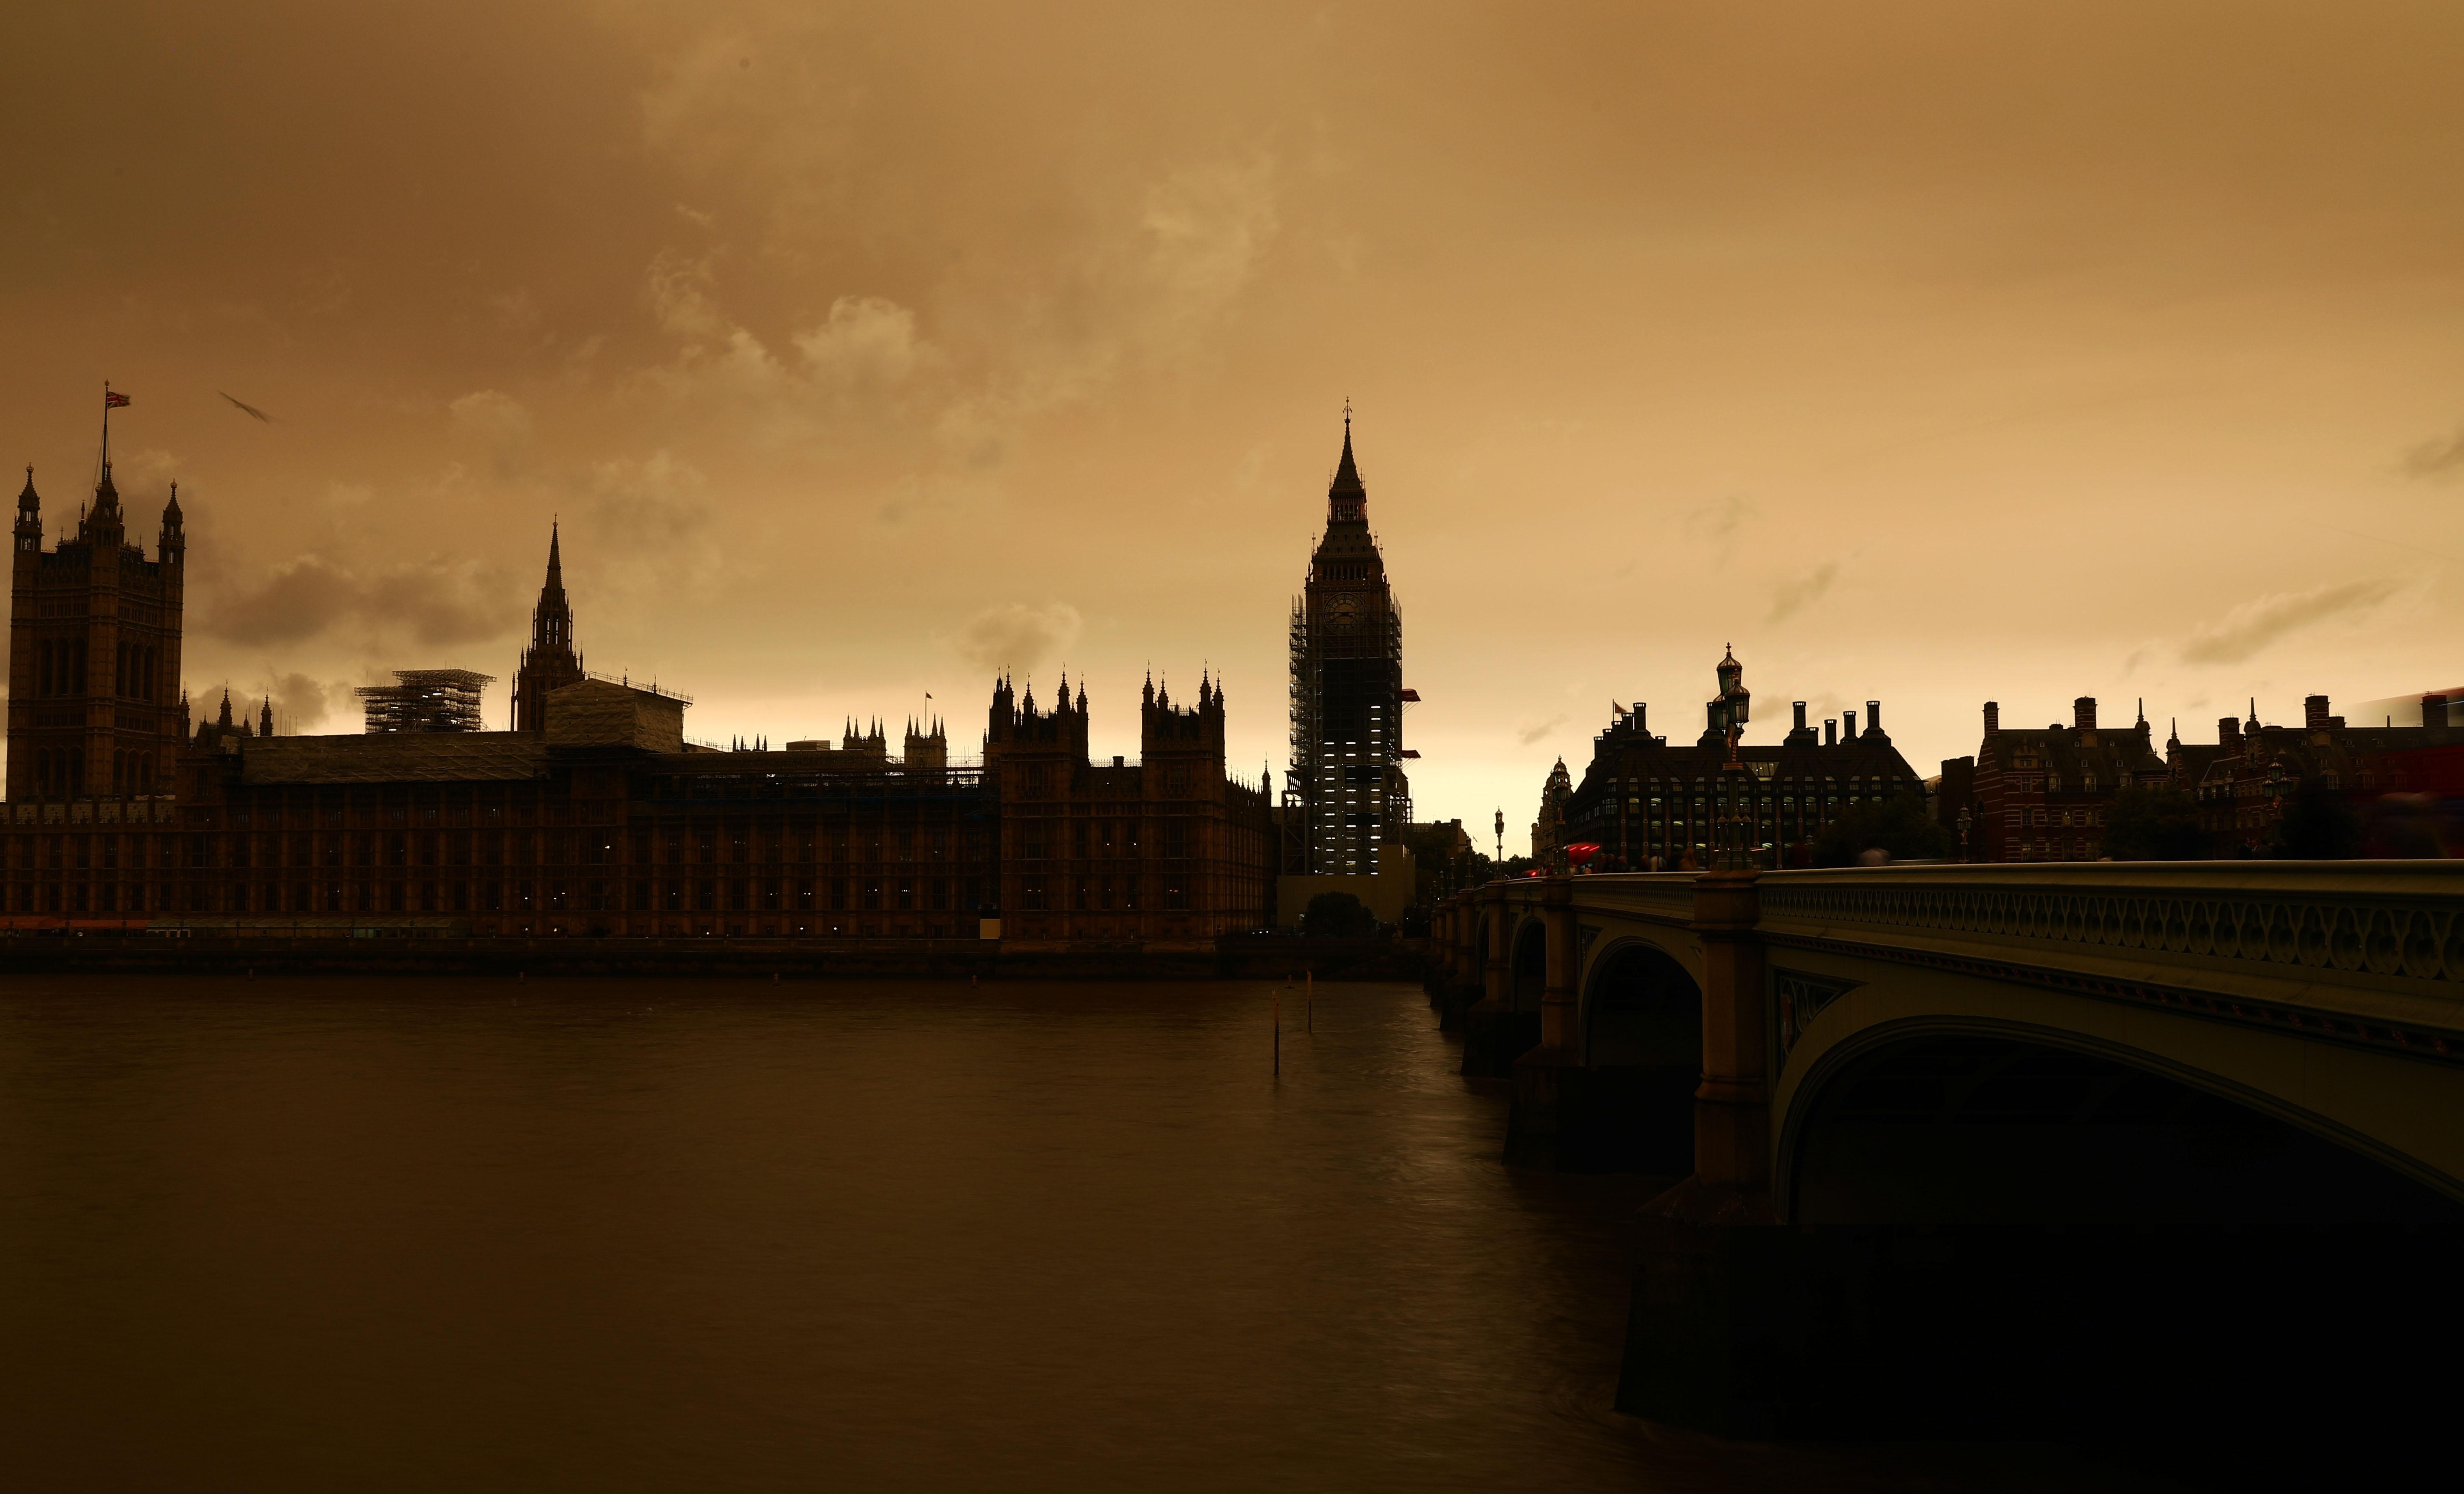 Apocalipsă la Londra: Cerul s-a făcut roșu și s-a întunecat